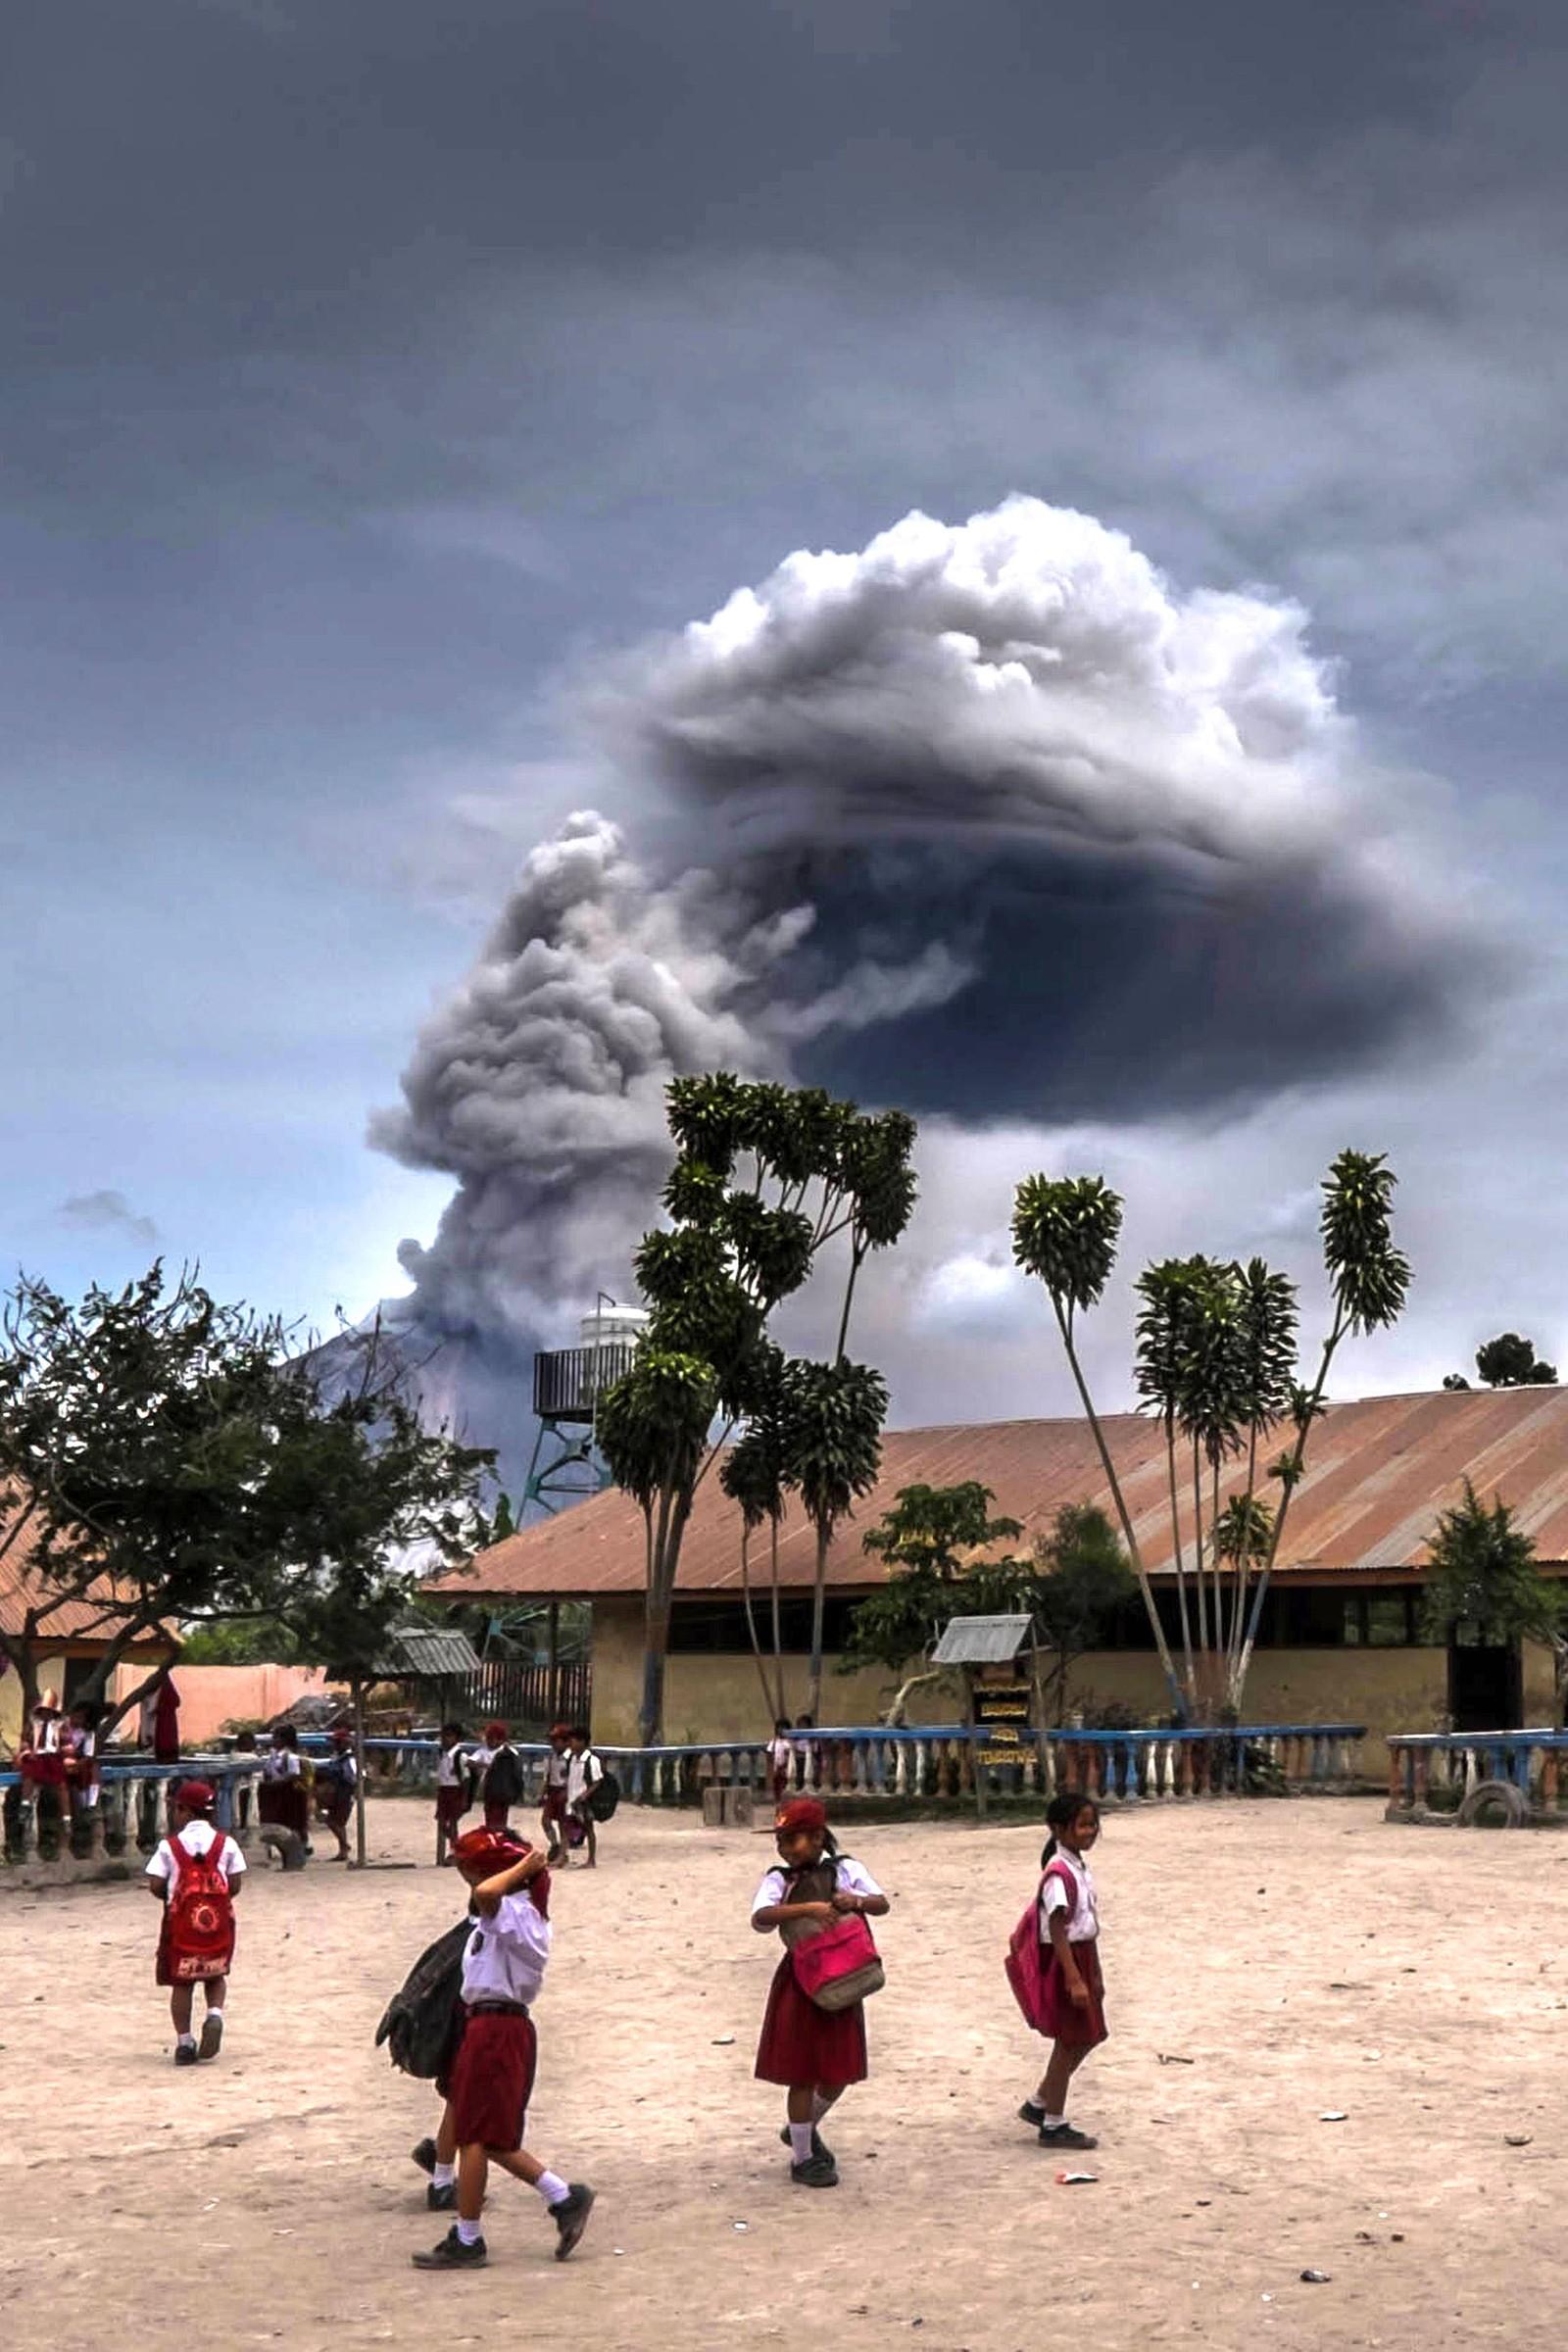 Skolebarn leker mens vulkanen Sinabung spyr ut aske i Karo i Nord-Sumatra den 30. august. Mange mennesker i området har måttet flytte til landsbyer som ansees som trygge. Sinabung er en av de mest aktive vulkanene i Indonesia.